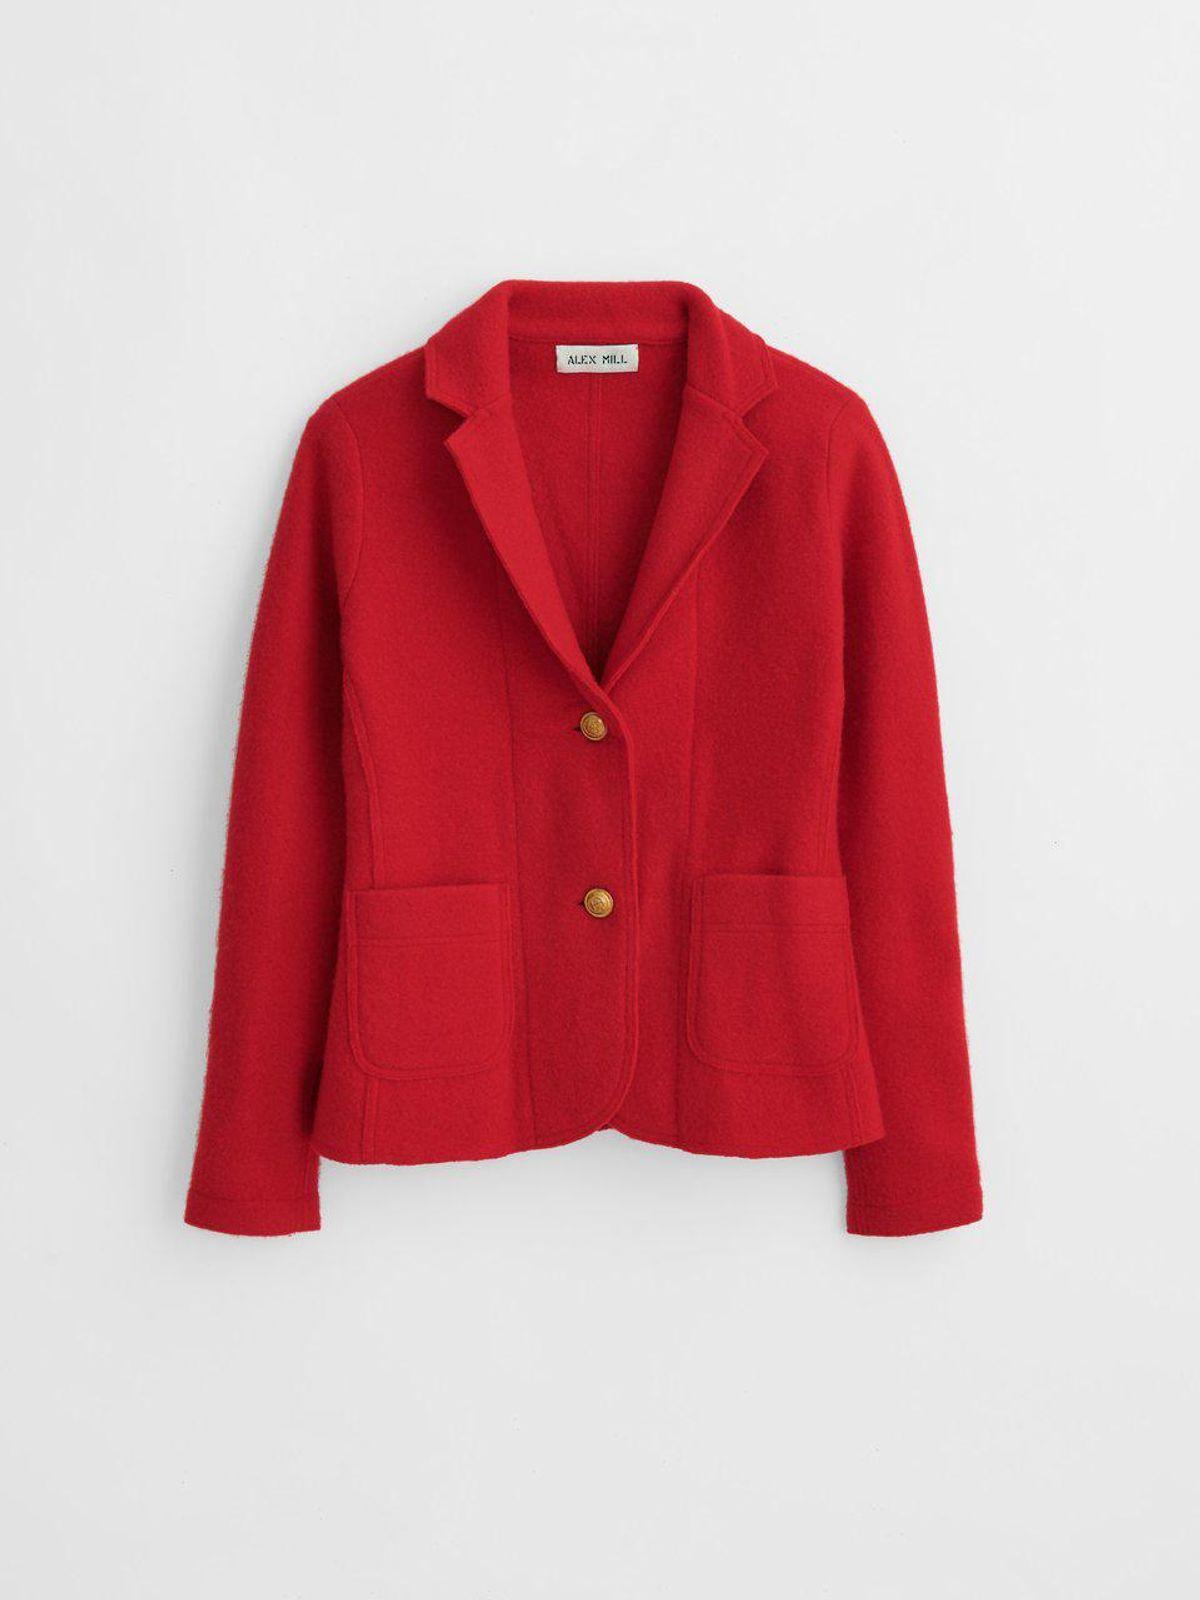 Sweater Blazer in Boiled Merino Wool